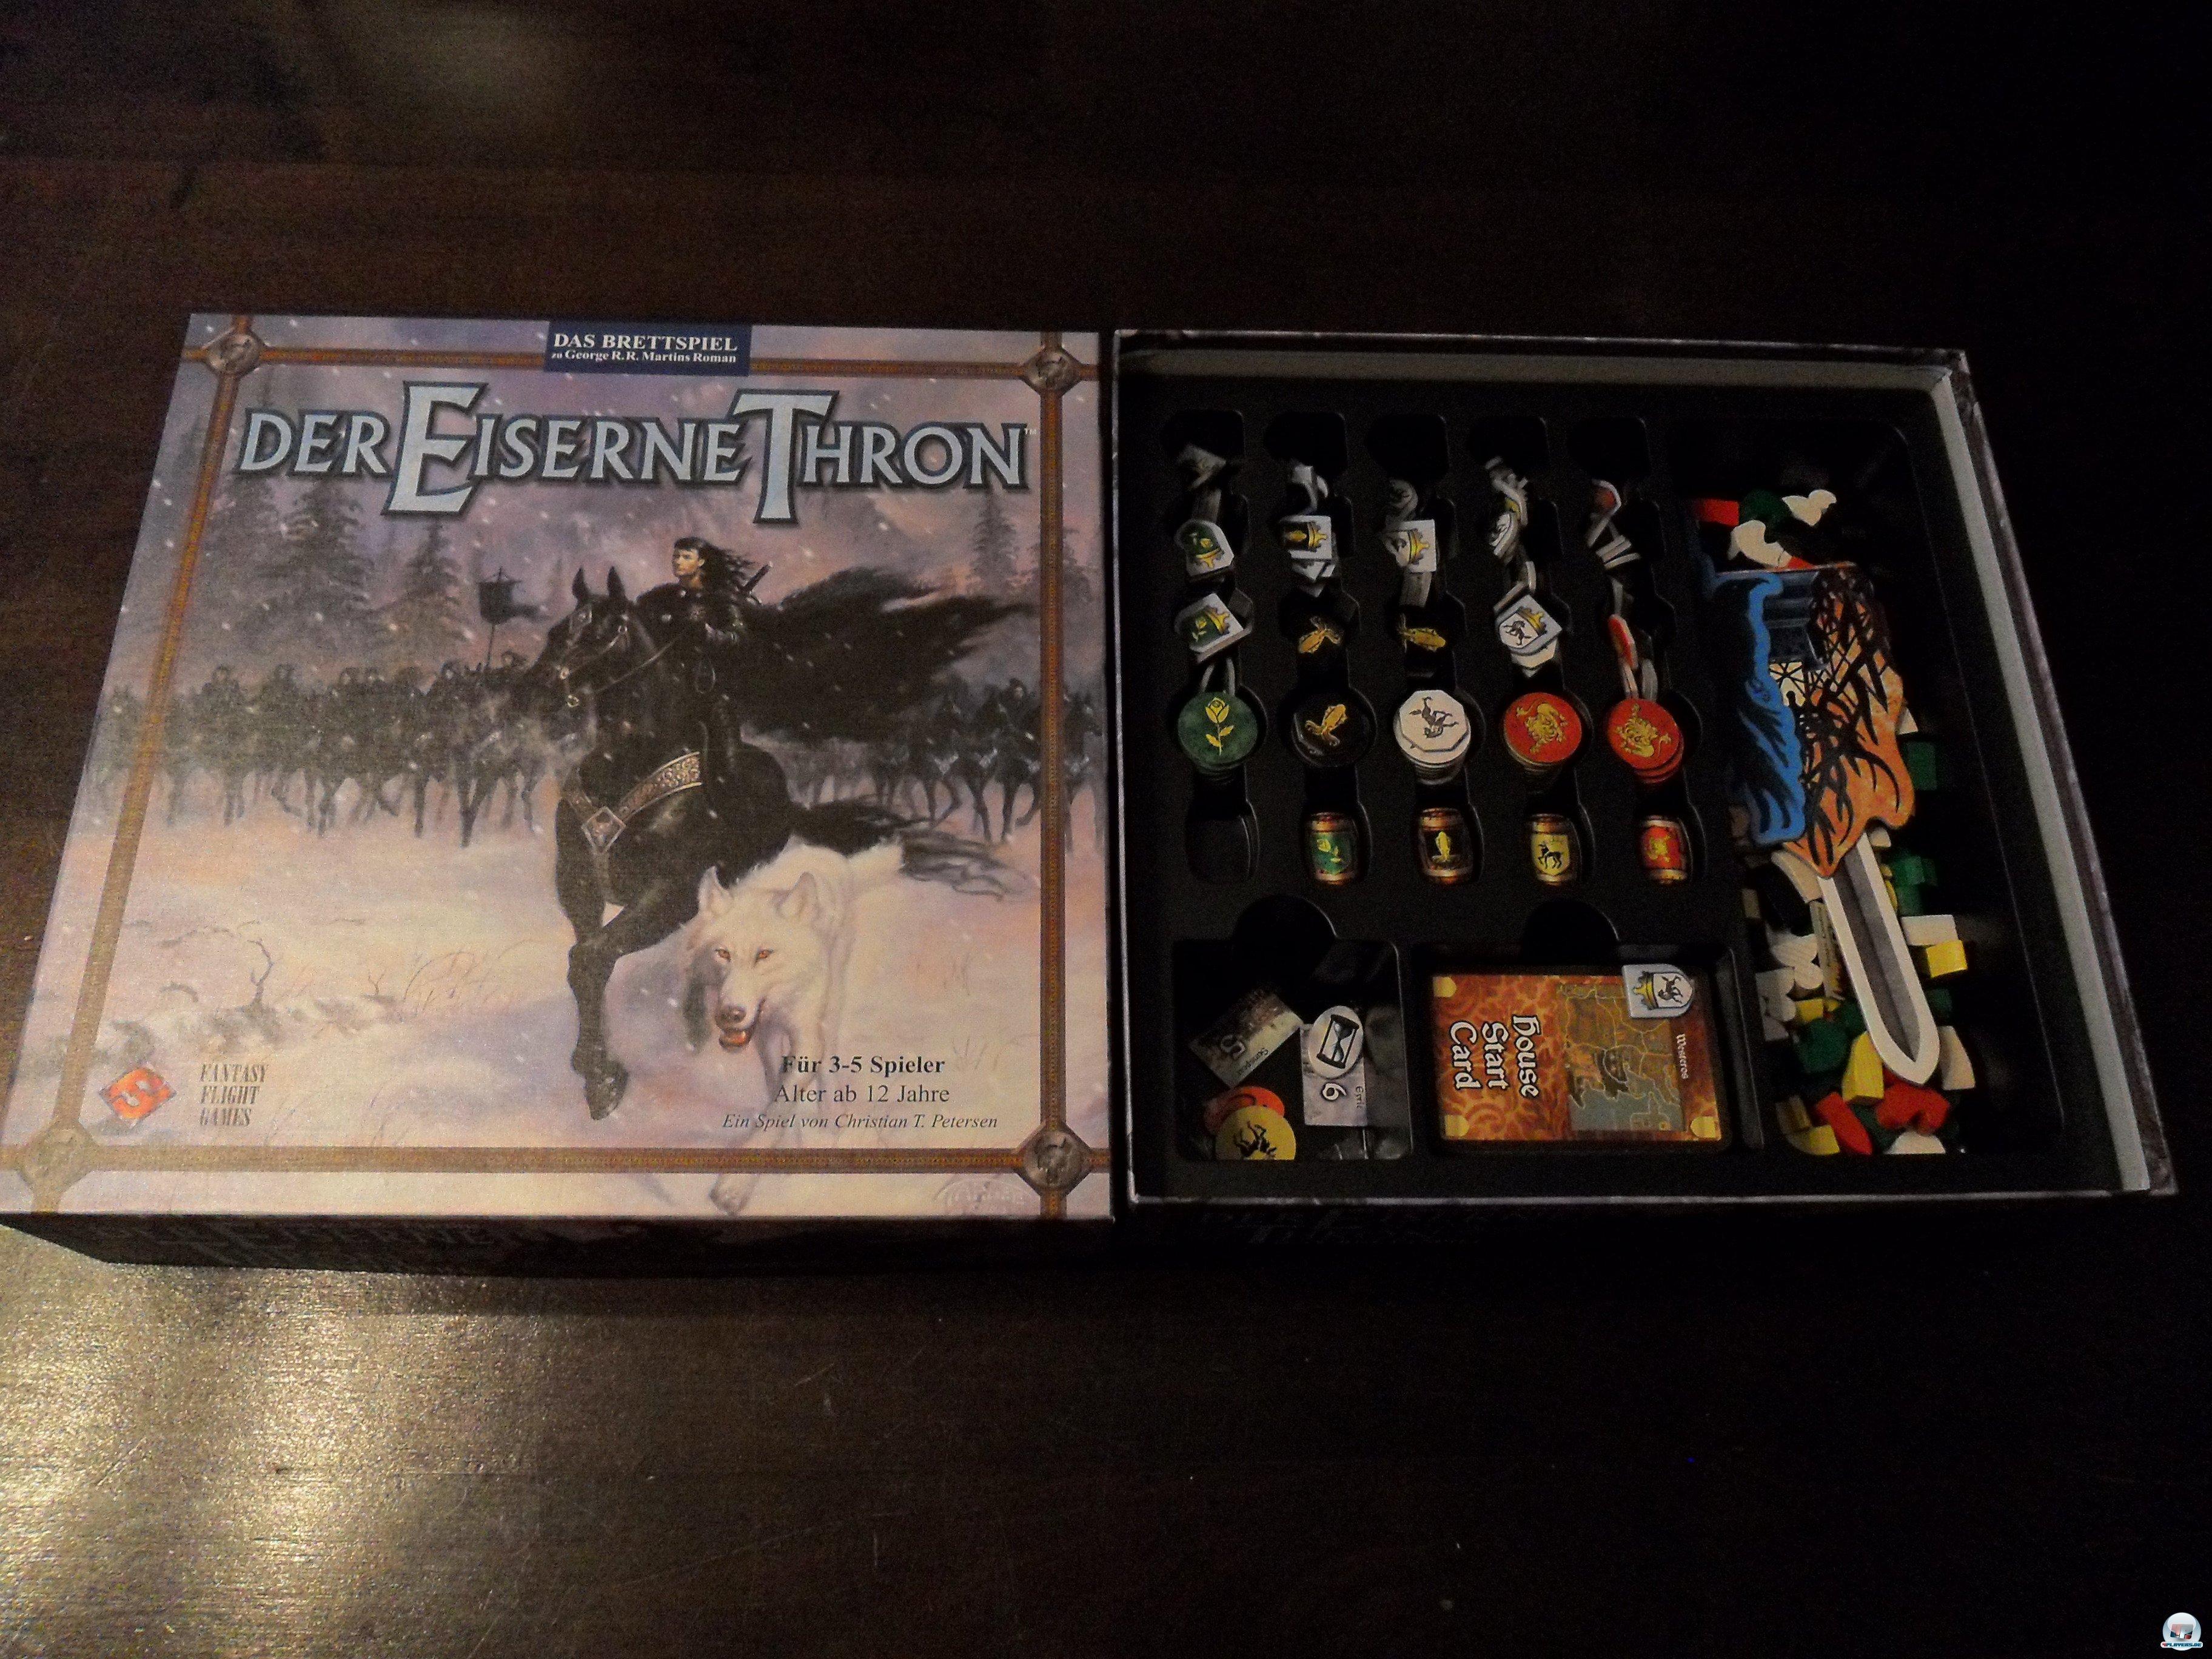 Der Eiserne Thron erschien 2004 in deutscher Version beim Heidelberger Spielverlag und kostet knapp 40 Euro.